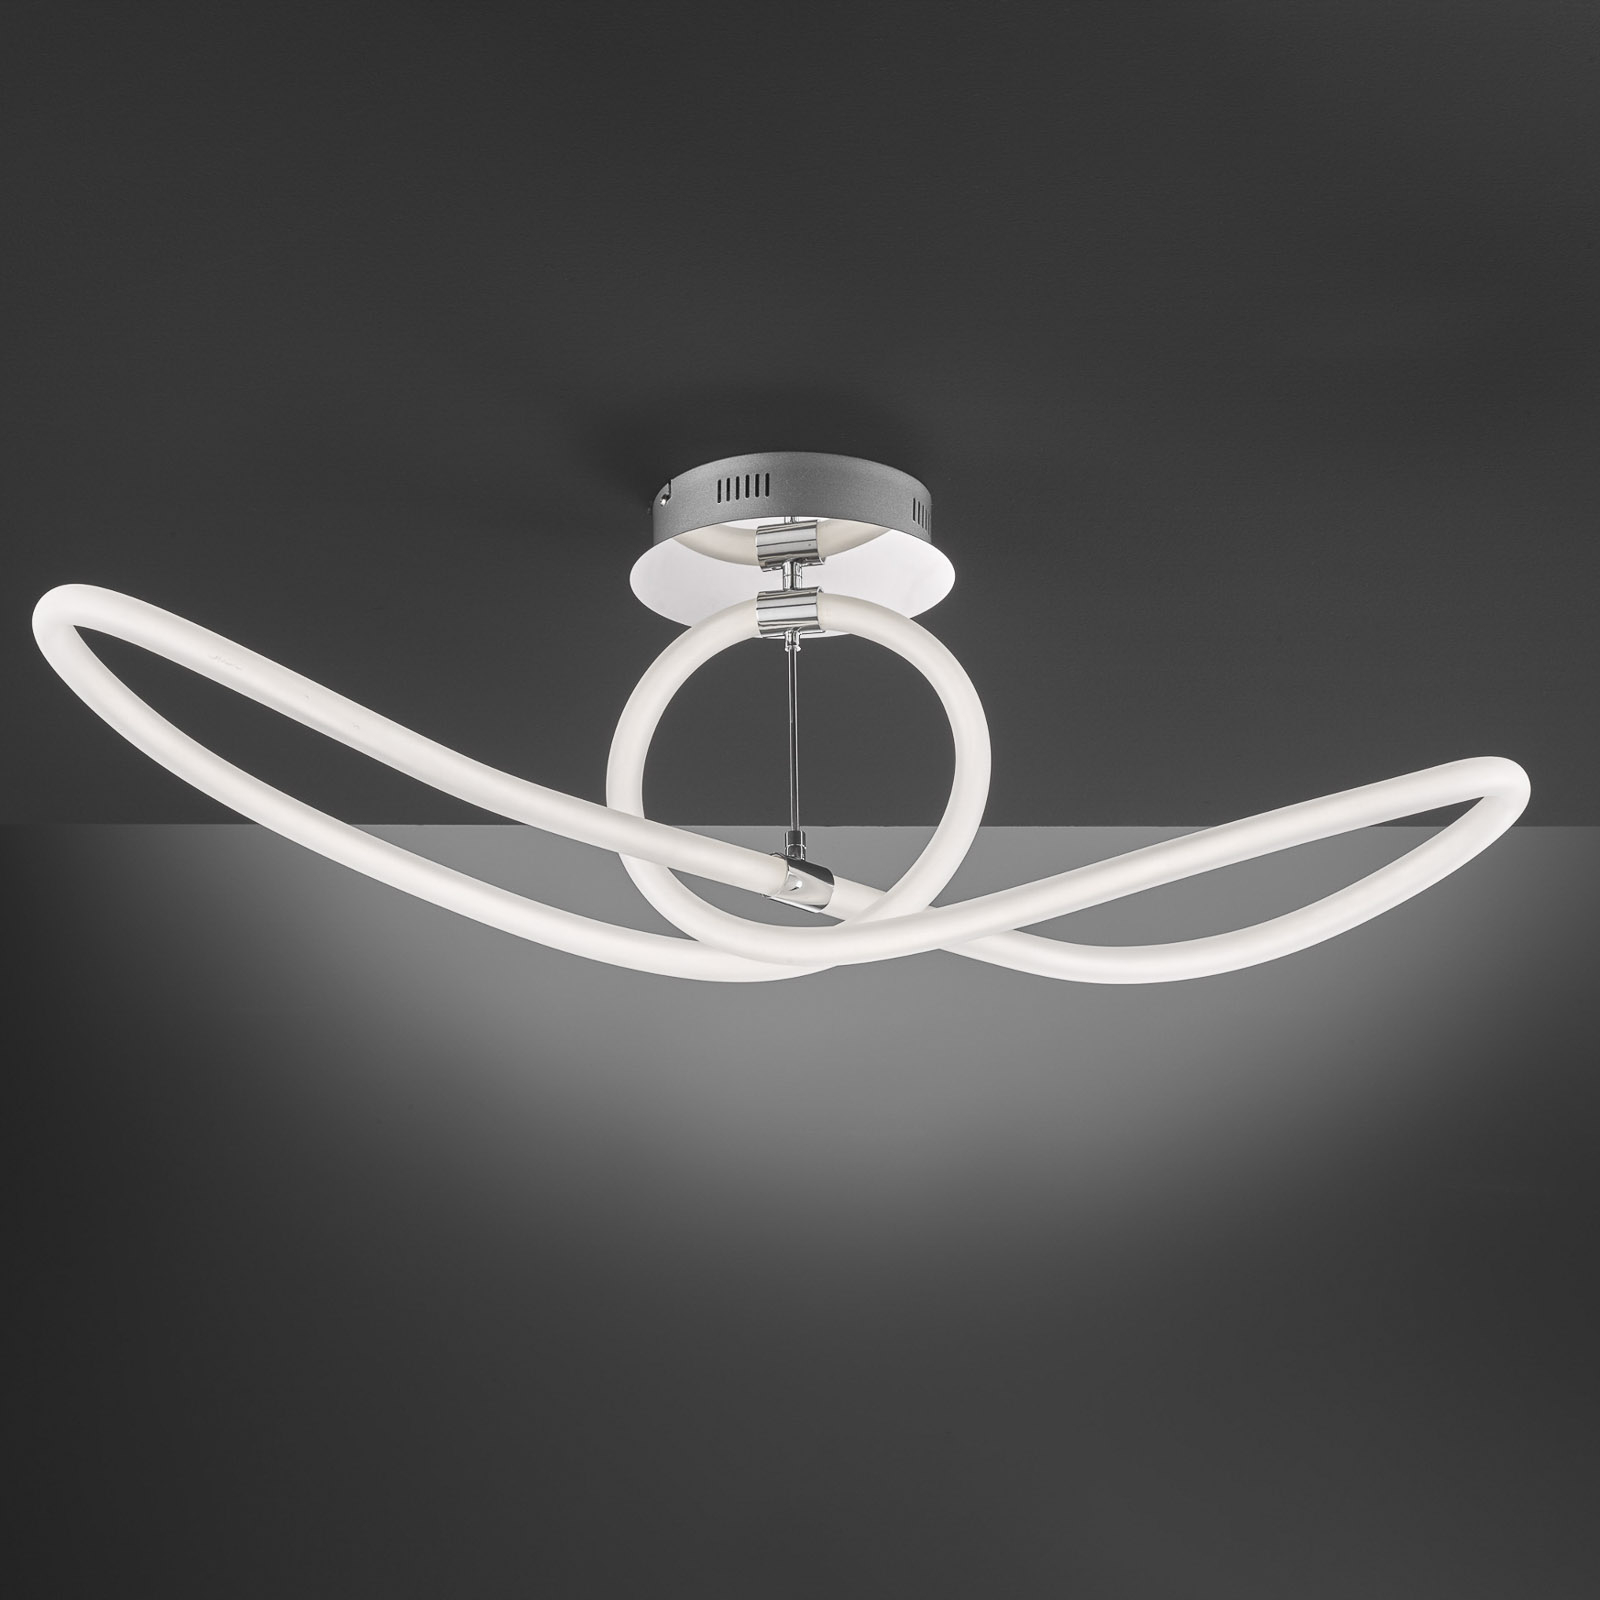 LED-kattovalaisin Mira, kaukosäädin 92,5 x 30,5 cm